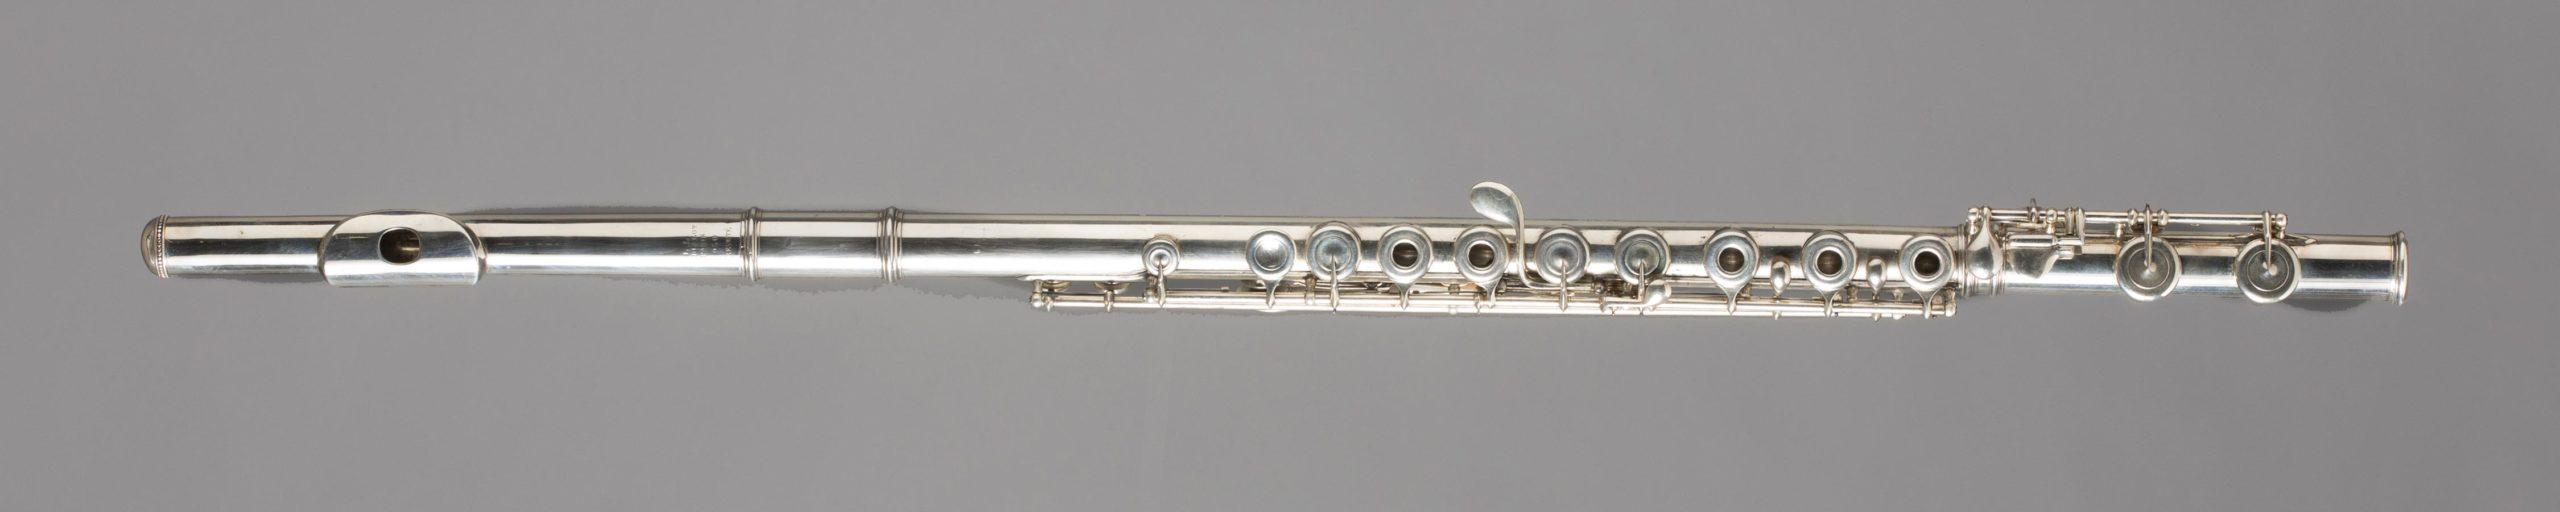 Flûte en argent, système Boehm de Louis LOT à Paris, n°950